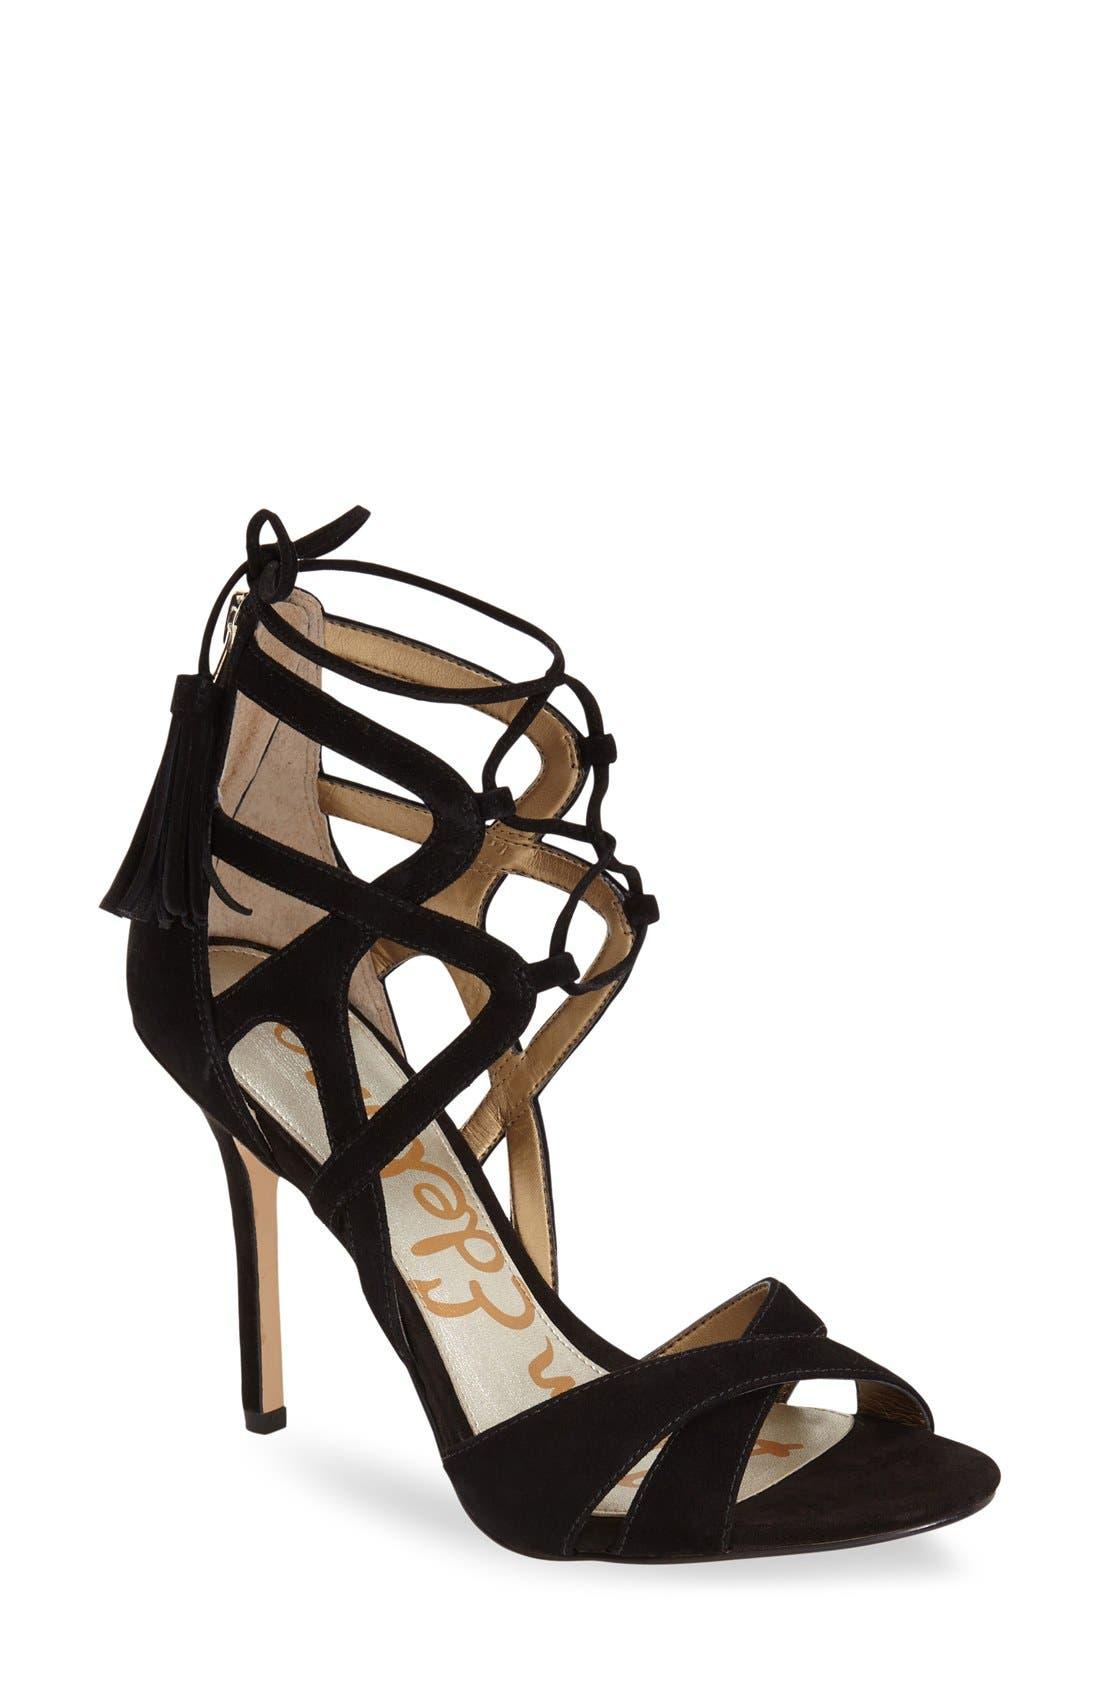 Main Image - Sam Edelman 'Azela' Tasseled Lace-Up Sandal (Women)